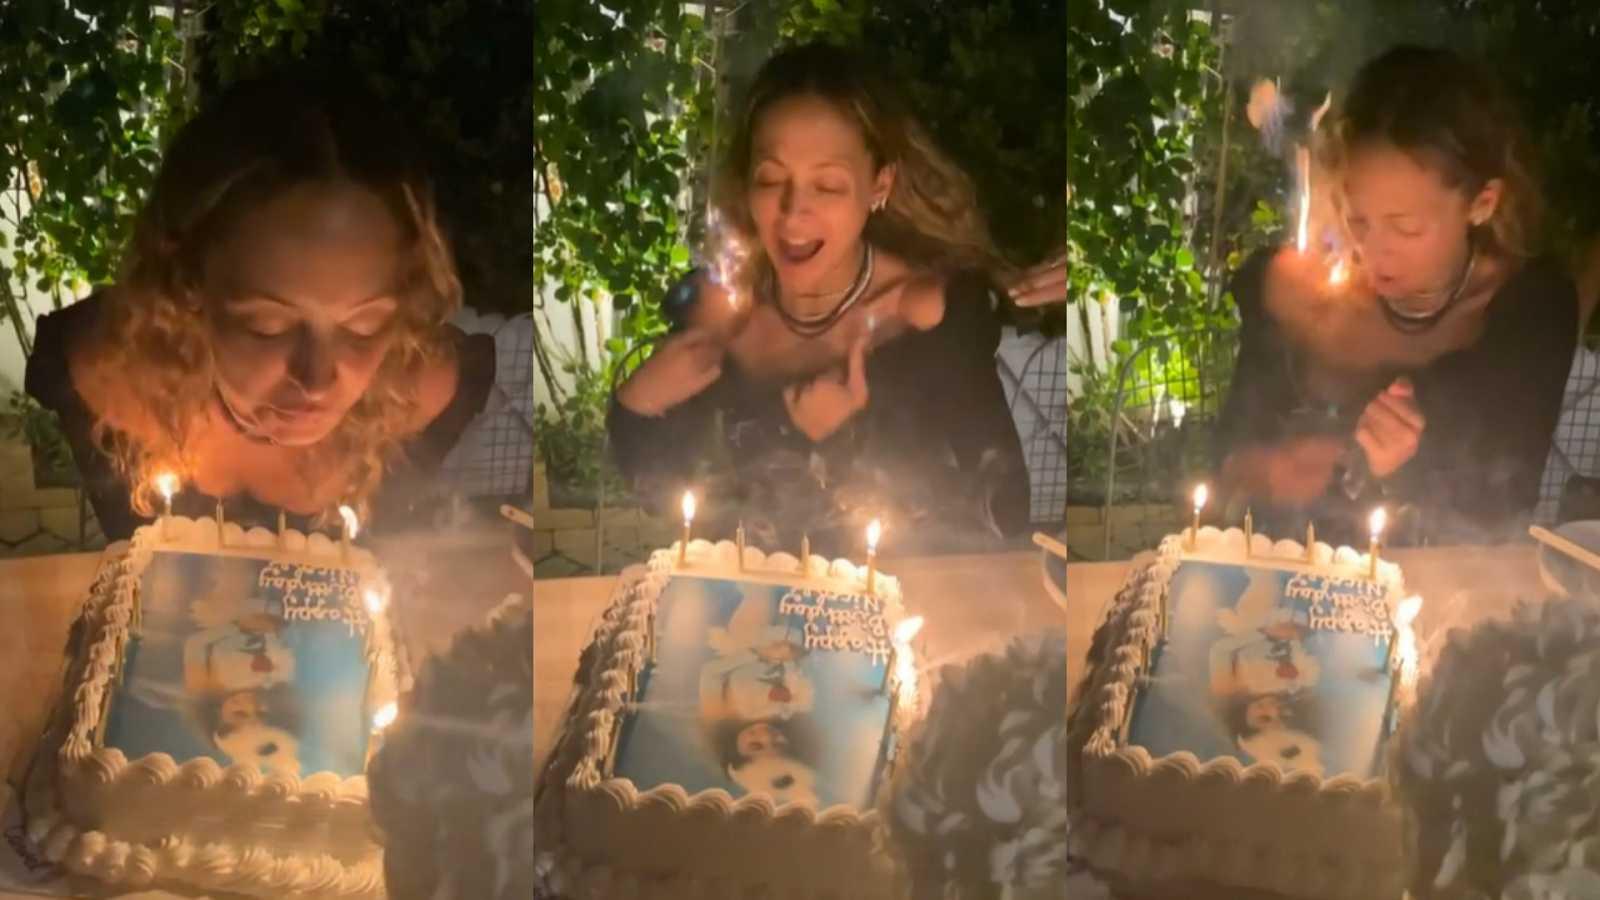 Mira cómo el cabello de Nicole Richie se incendia mientras celebraba su cumpleaños